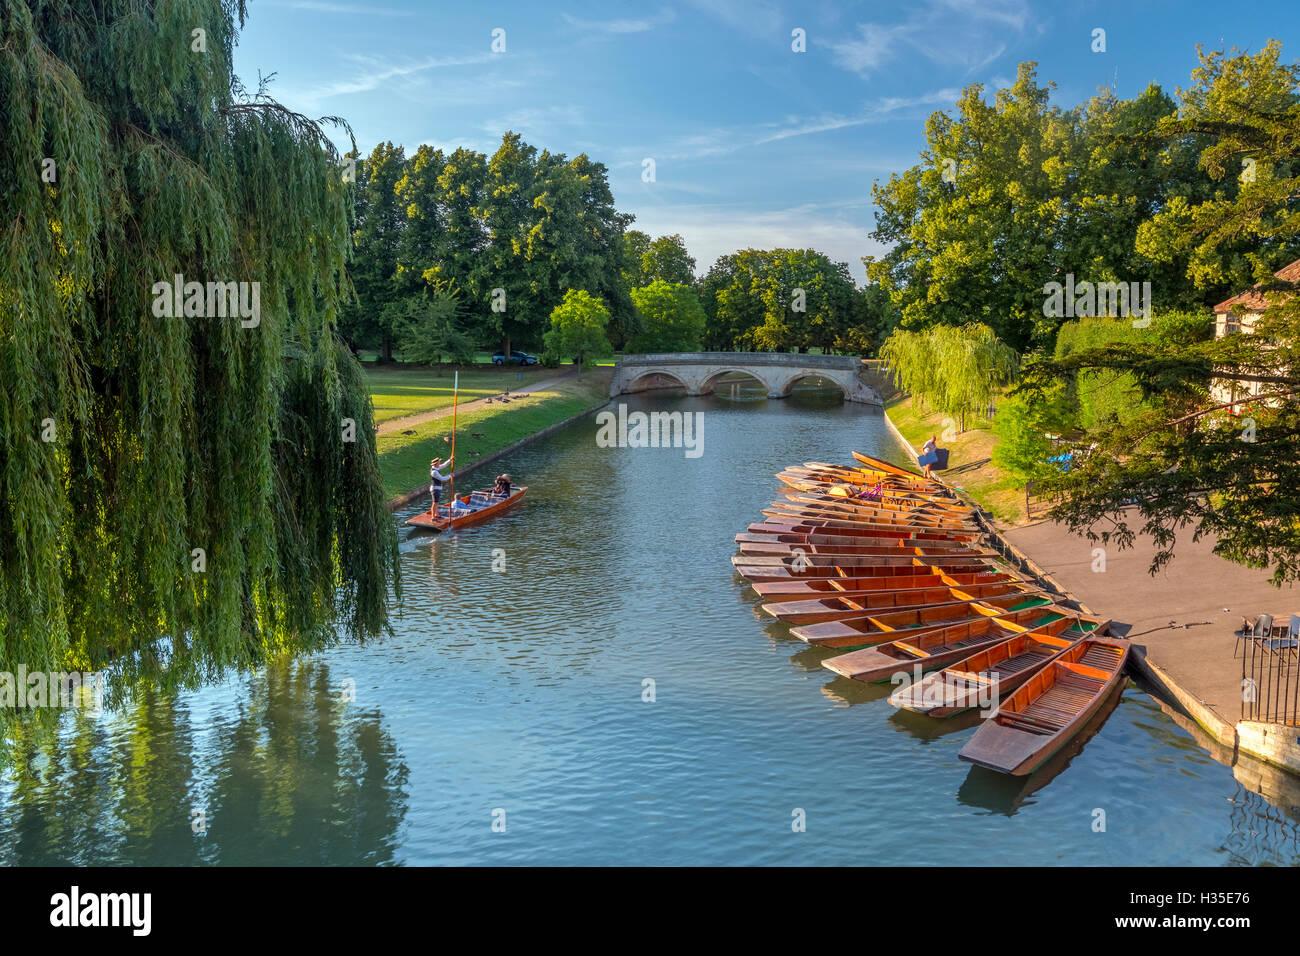 Kähne auf den Rücken, Fluss Cam, Cambridge, Cambridgeshire, England, Vereinigtes Königreich Stockbild